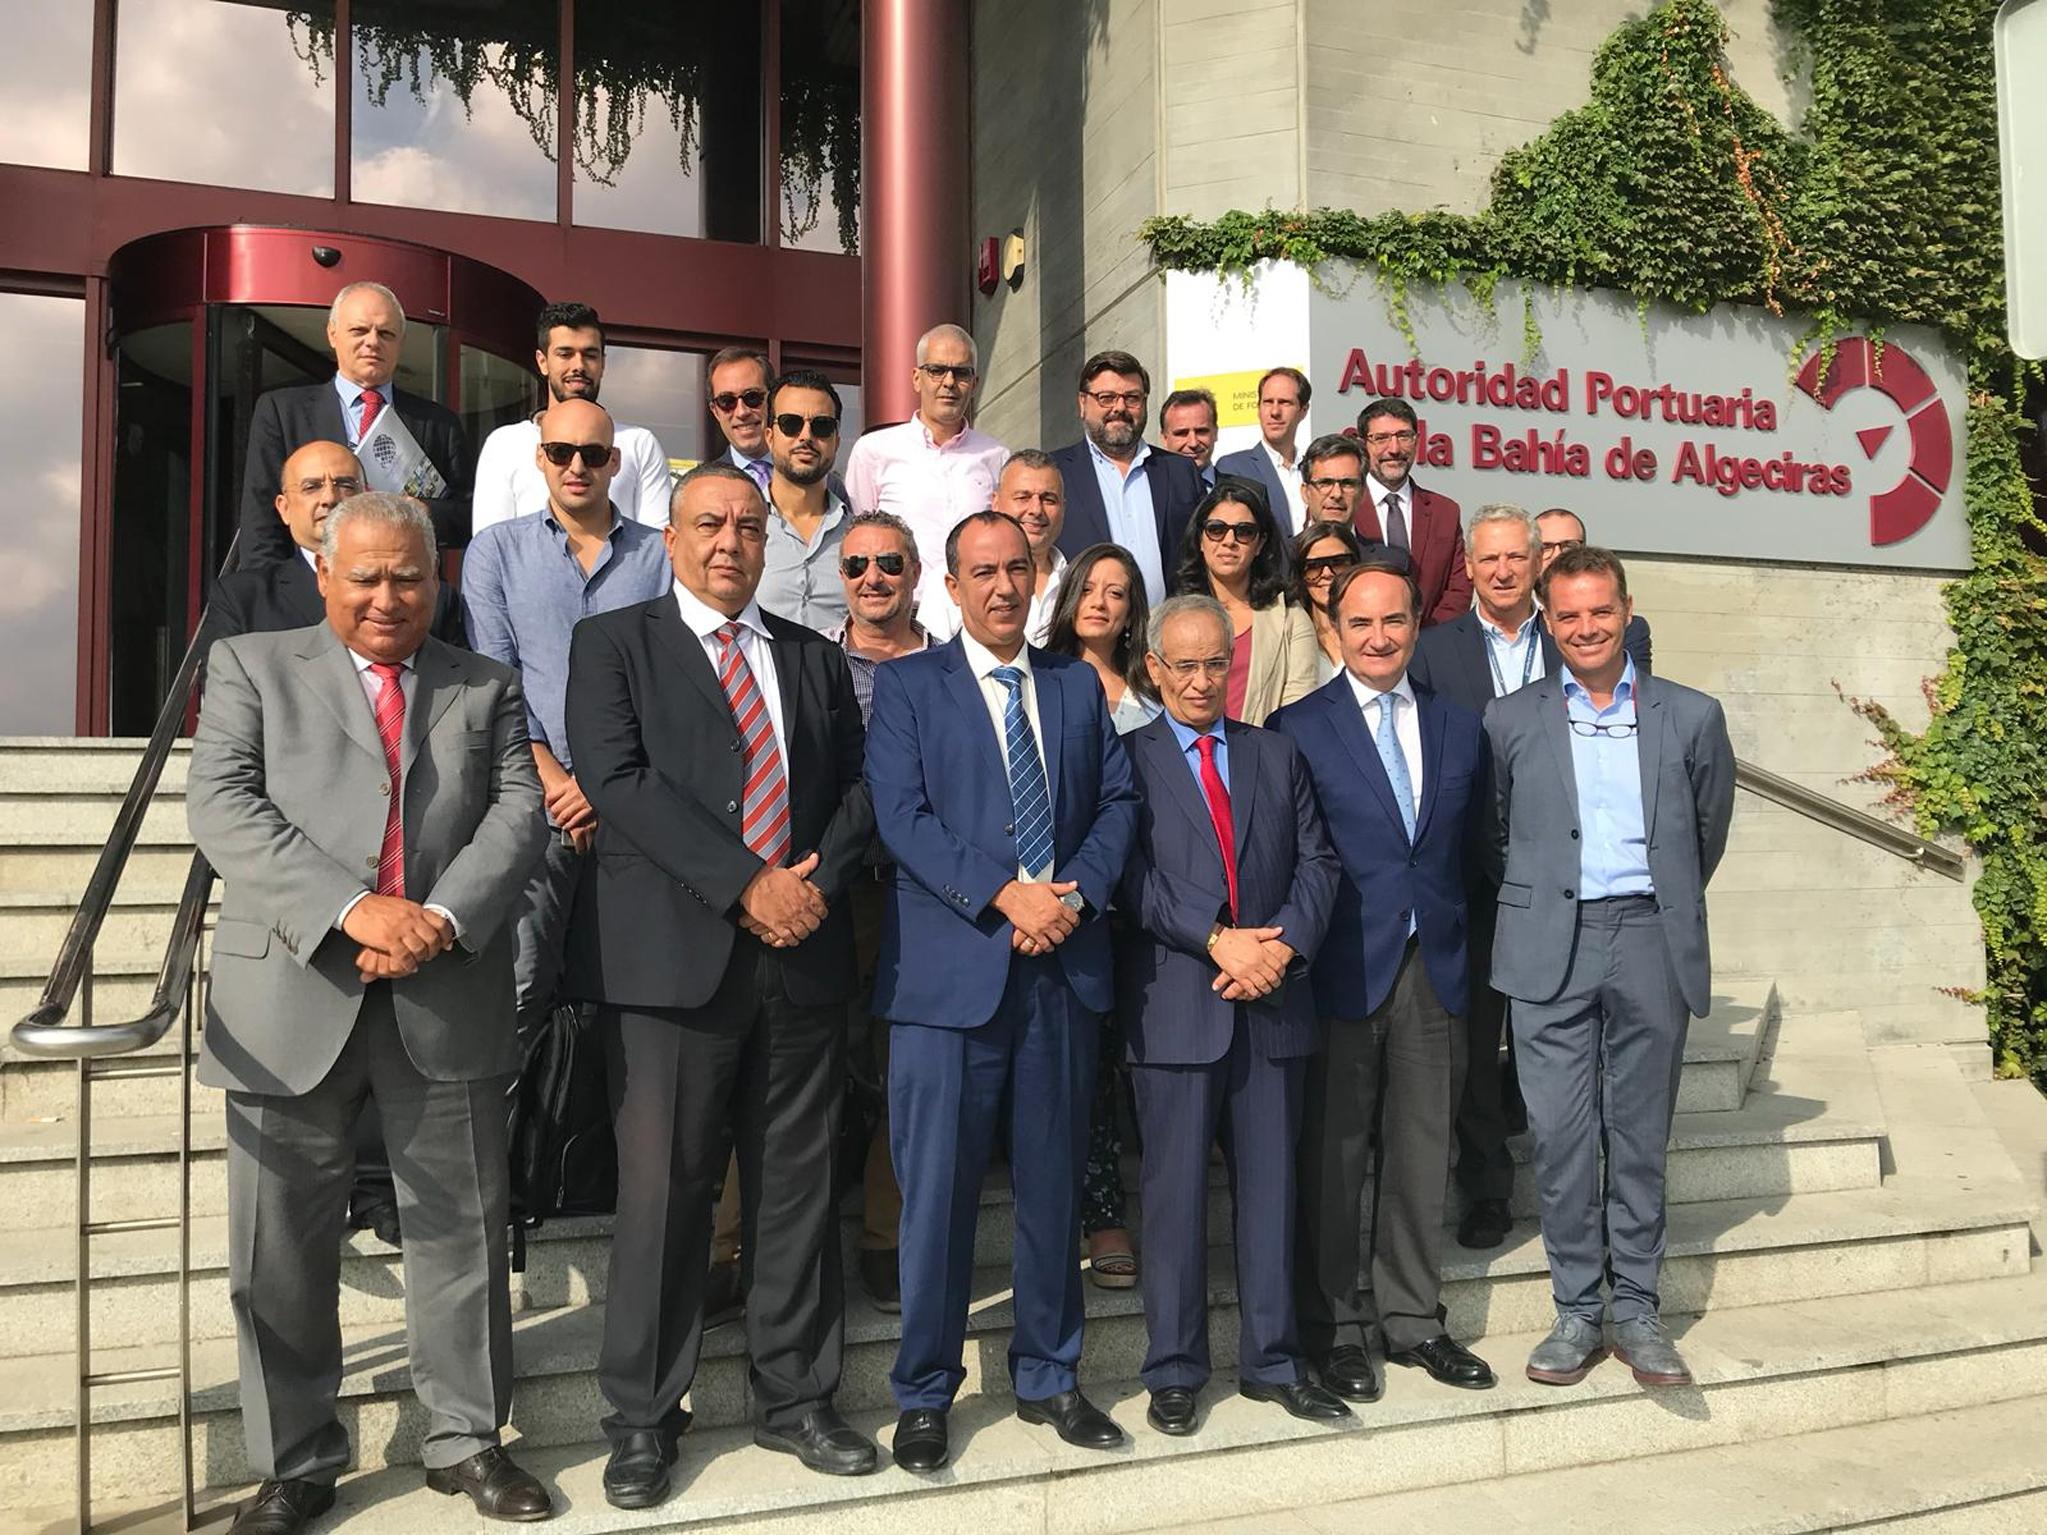 Encuentro bilateral entre el Puerto de Algeciras y Marruecos - Totallogistic